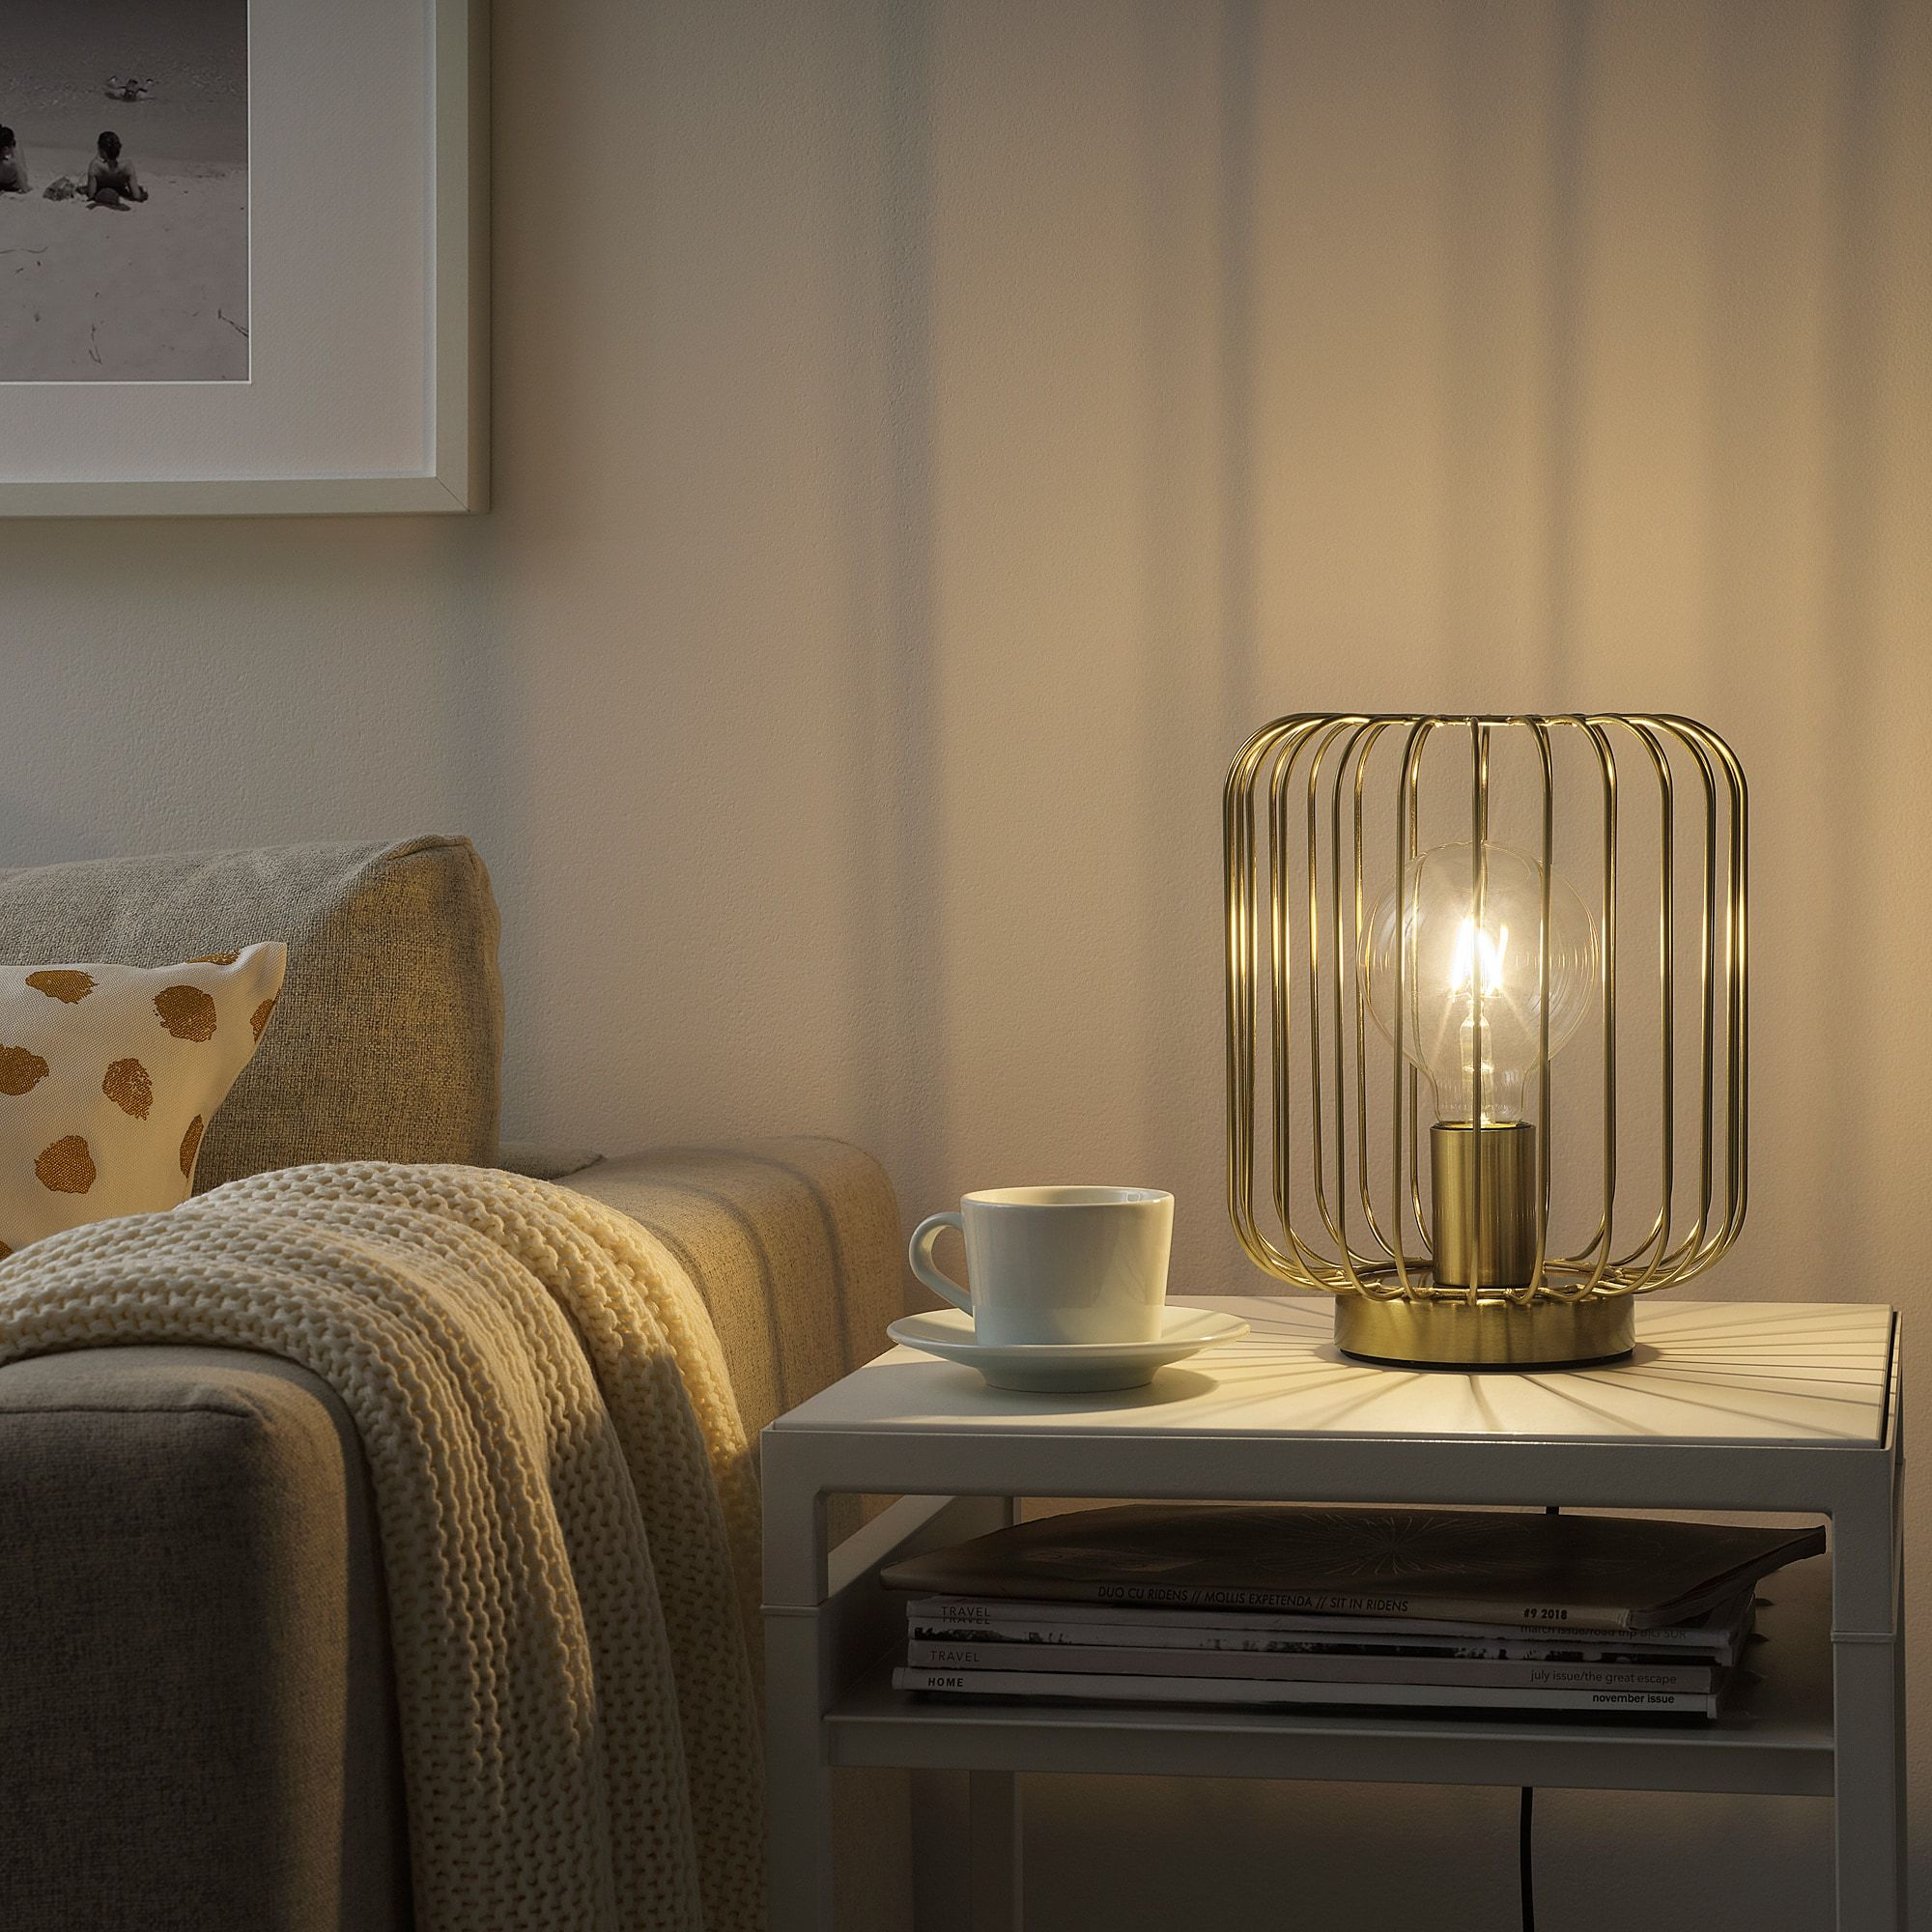 Flaggskepp Lampe De Table Laitonne Ikea Suisse In 2020 Brass Table Lamps Small Table Lamp Ikea Lamp